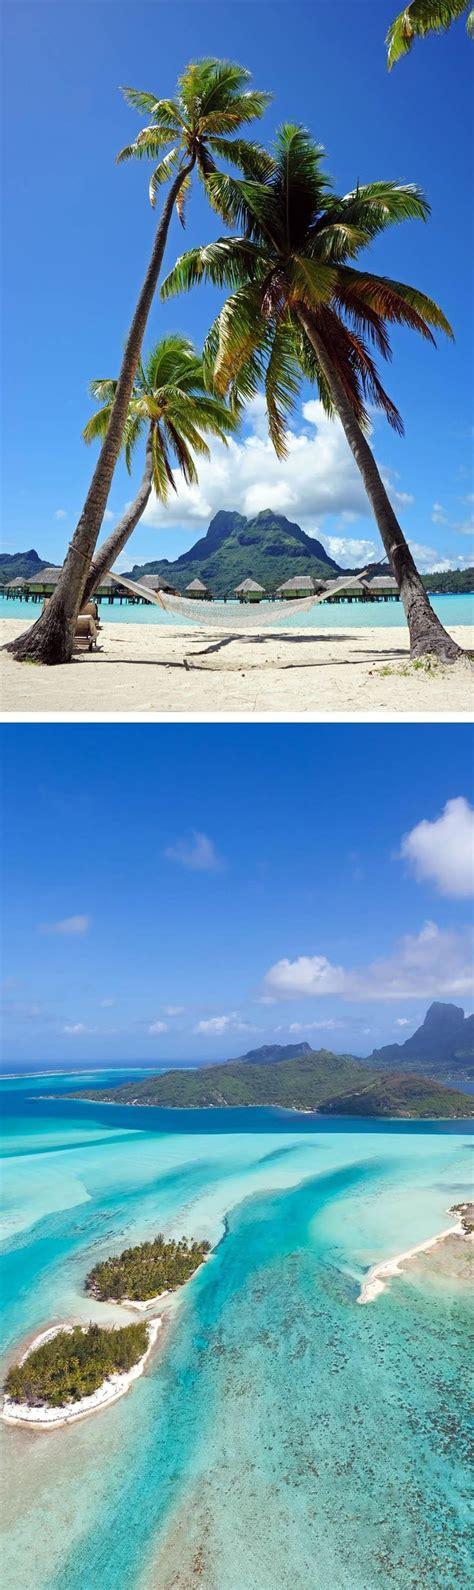 Best 25 Resorts In Bora Bora Ideas On Pinterest Bora